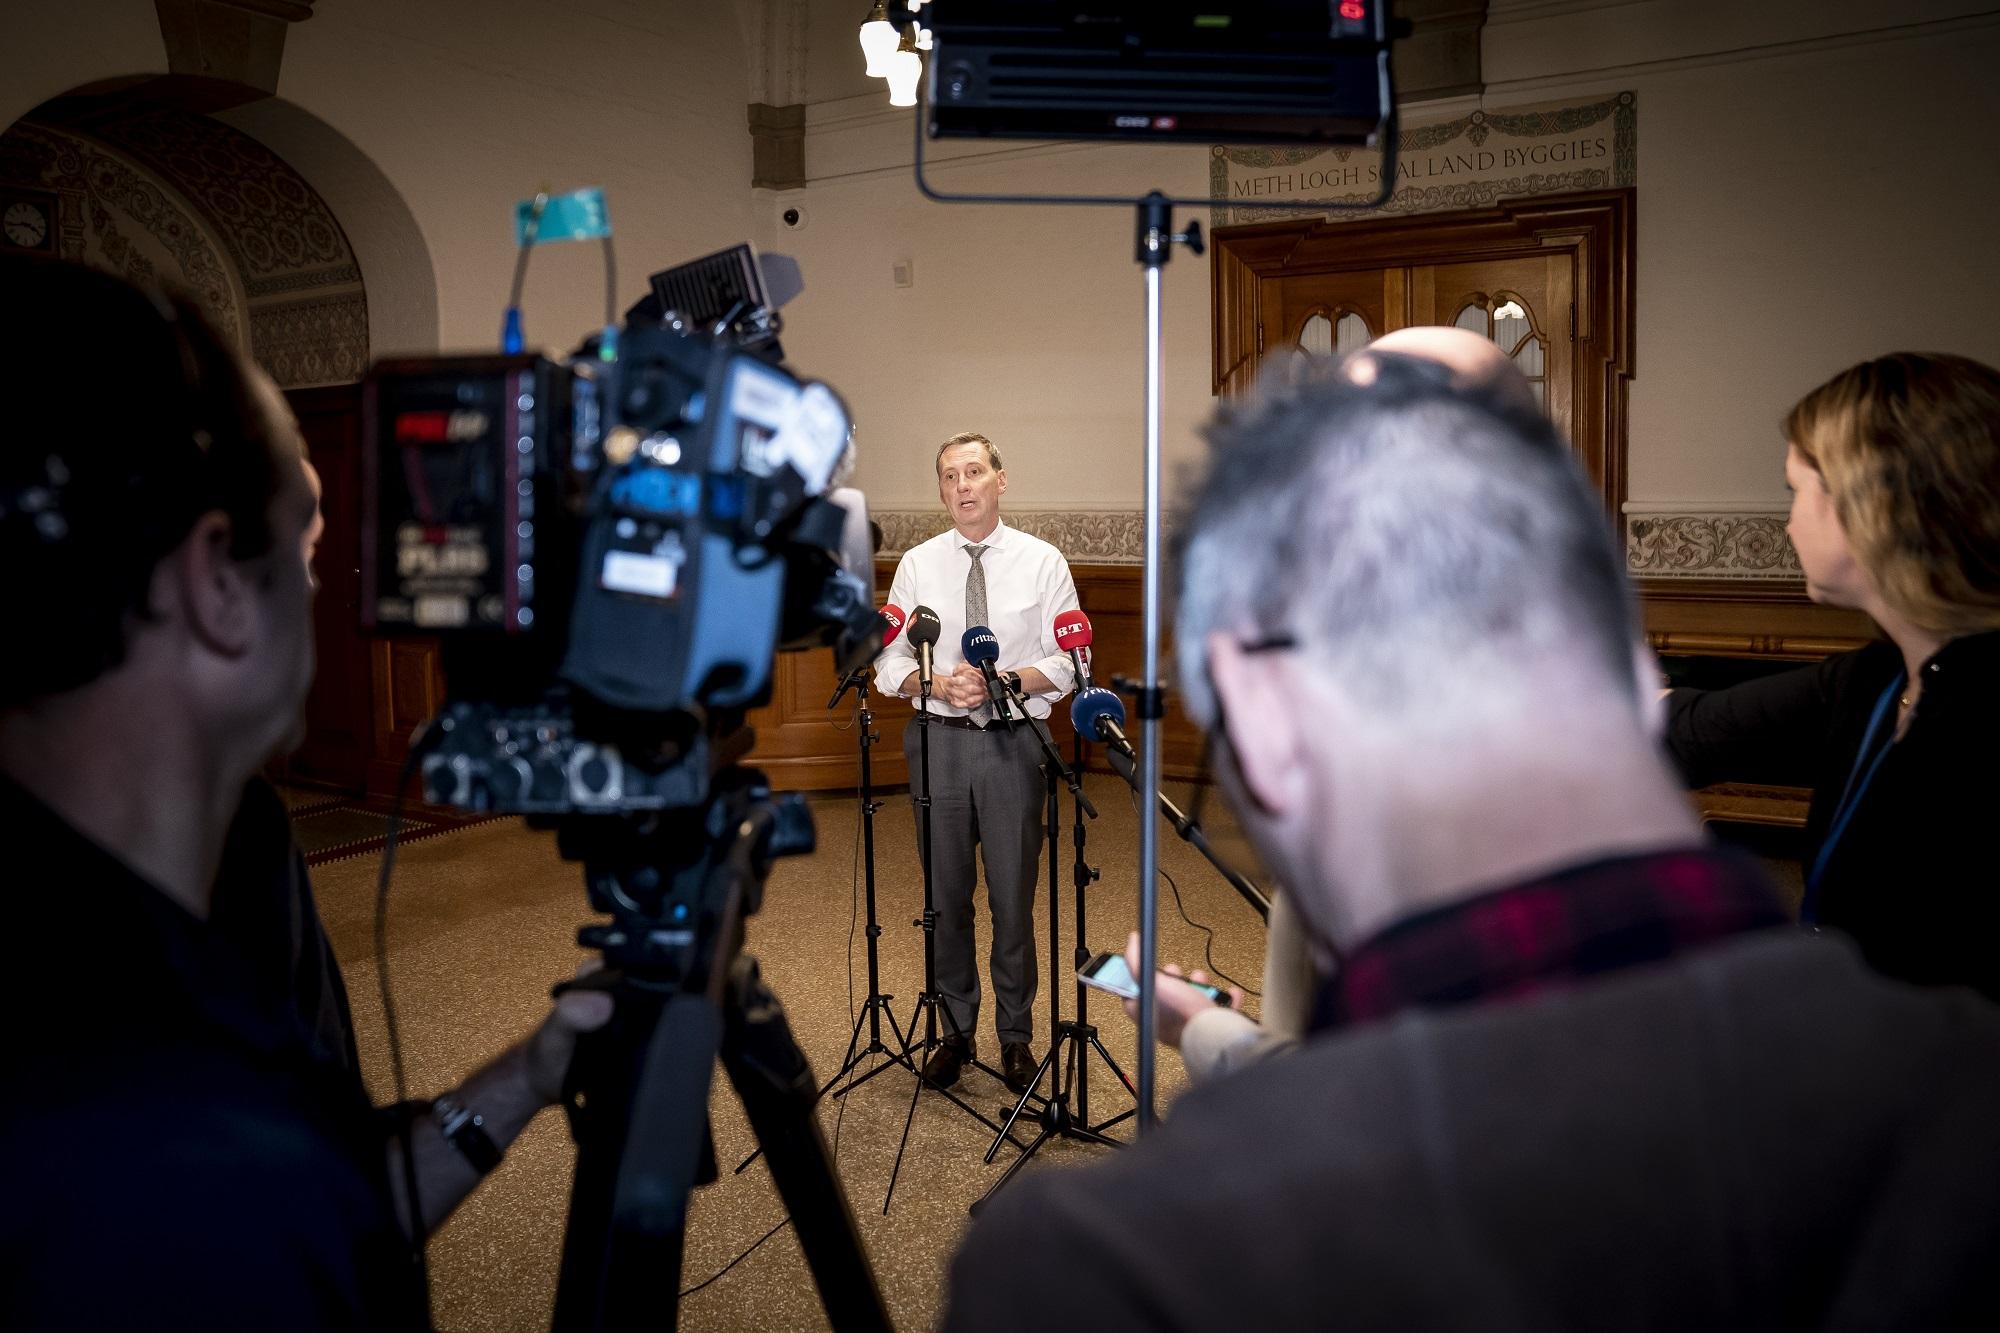 Justitsministeriet bad Berlingske ændre i flere artikler om minksagen